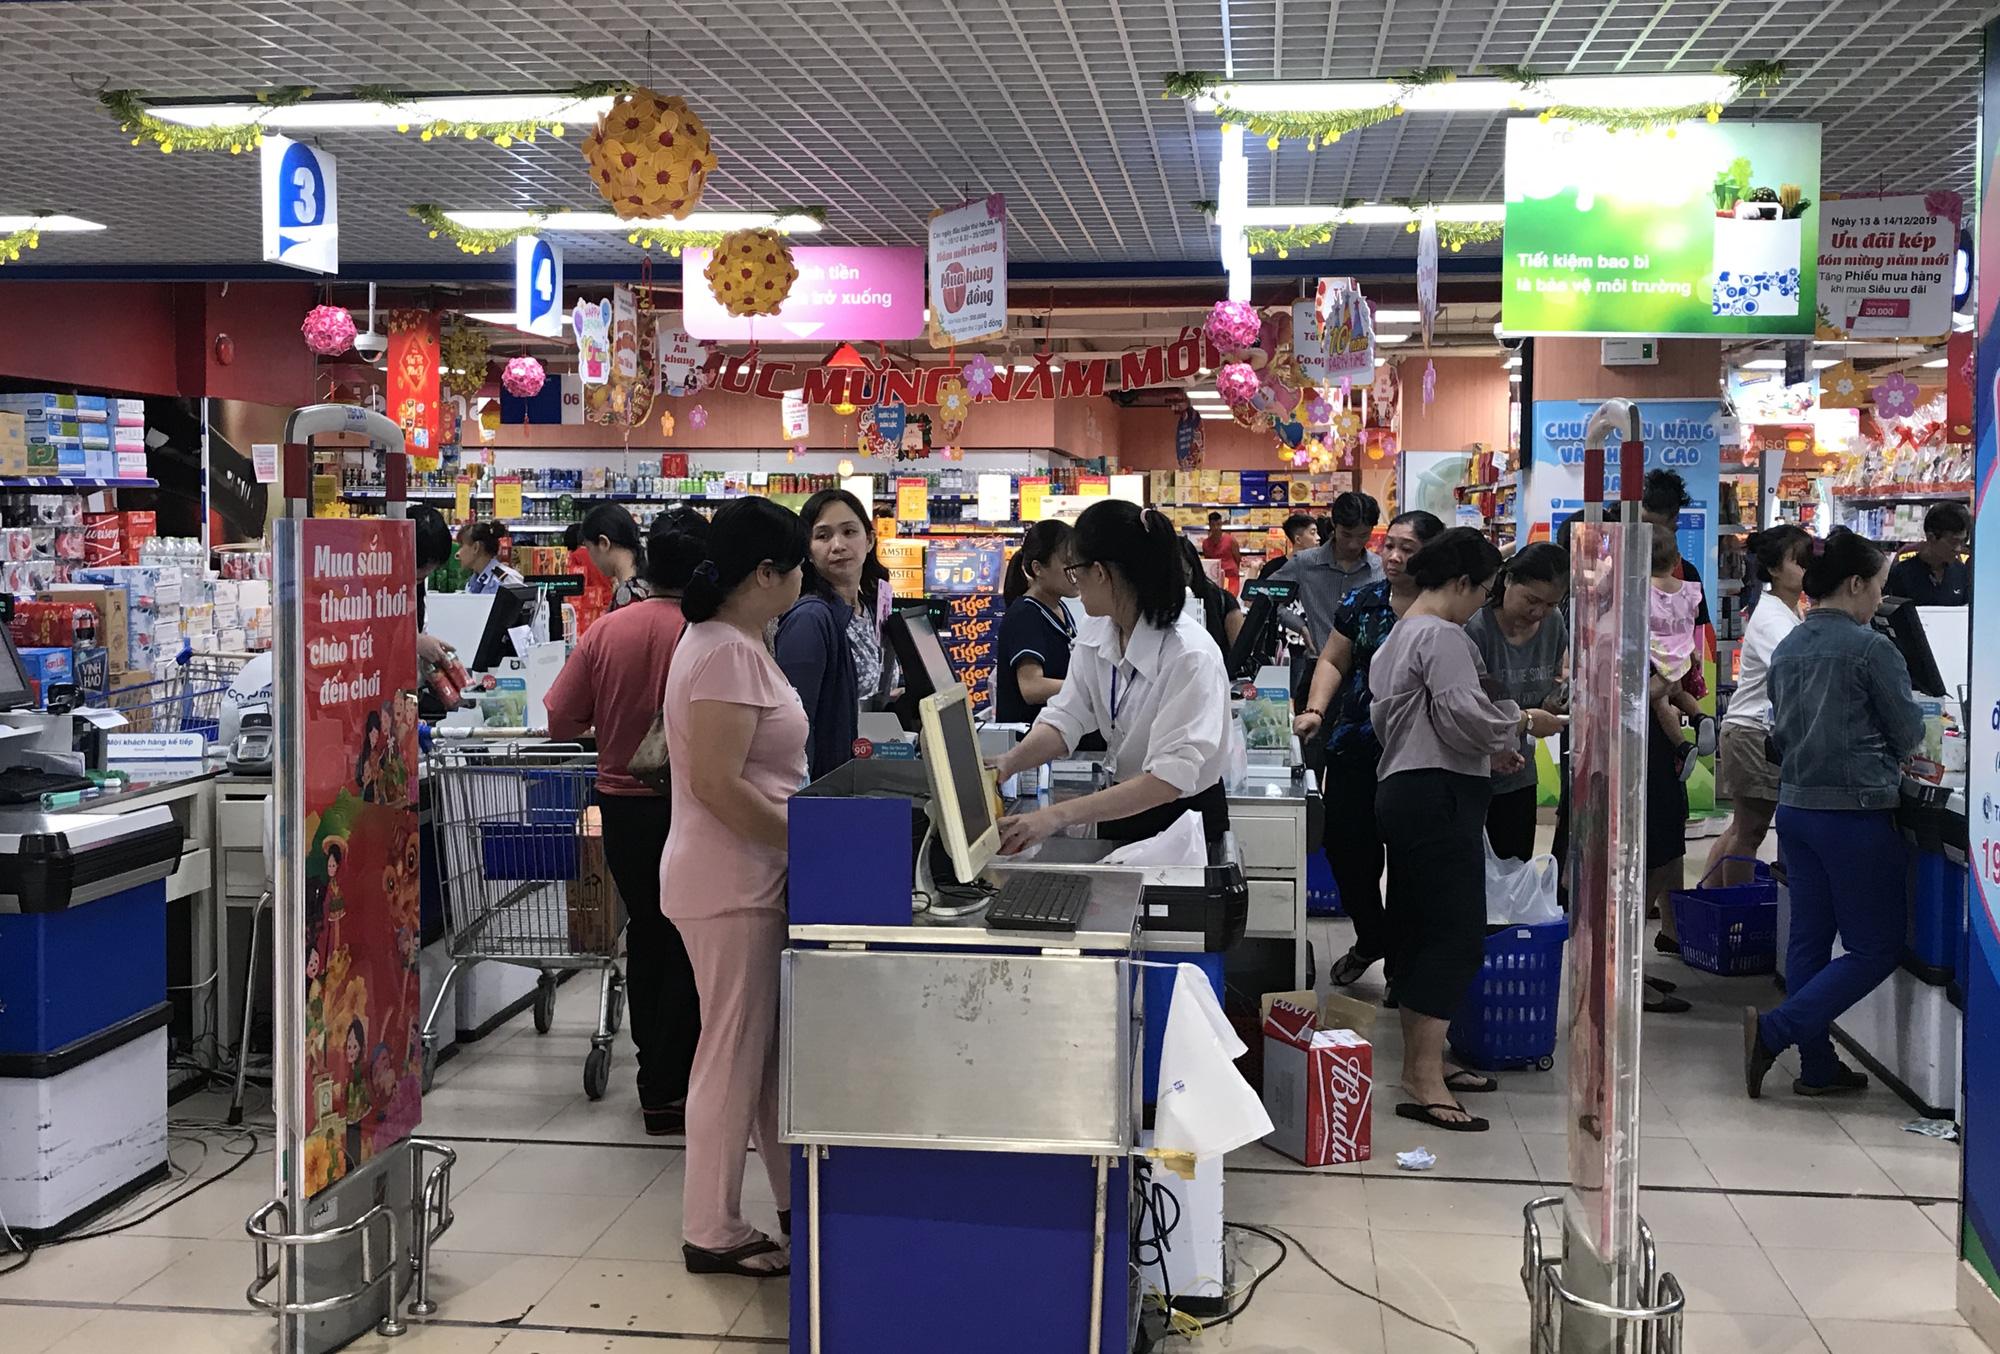 Khách chen chân mua sắm Tết, có siêu thị tuyên bố mở cửa luôn mùng 1, giảm giá thịt heo trong tuần này - Ảnh 2.